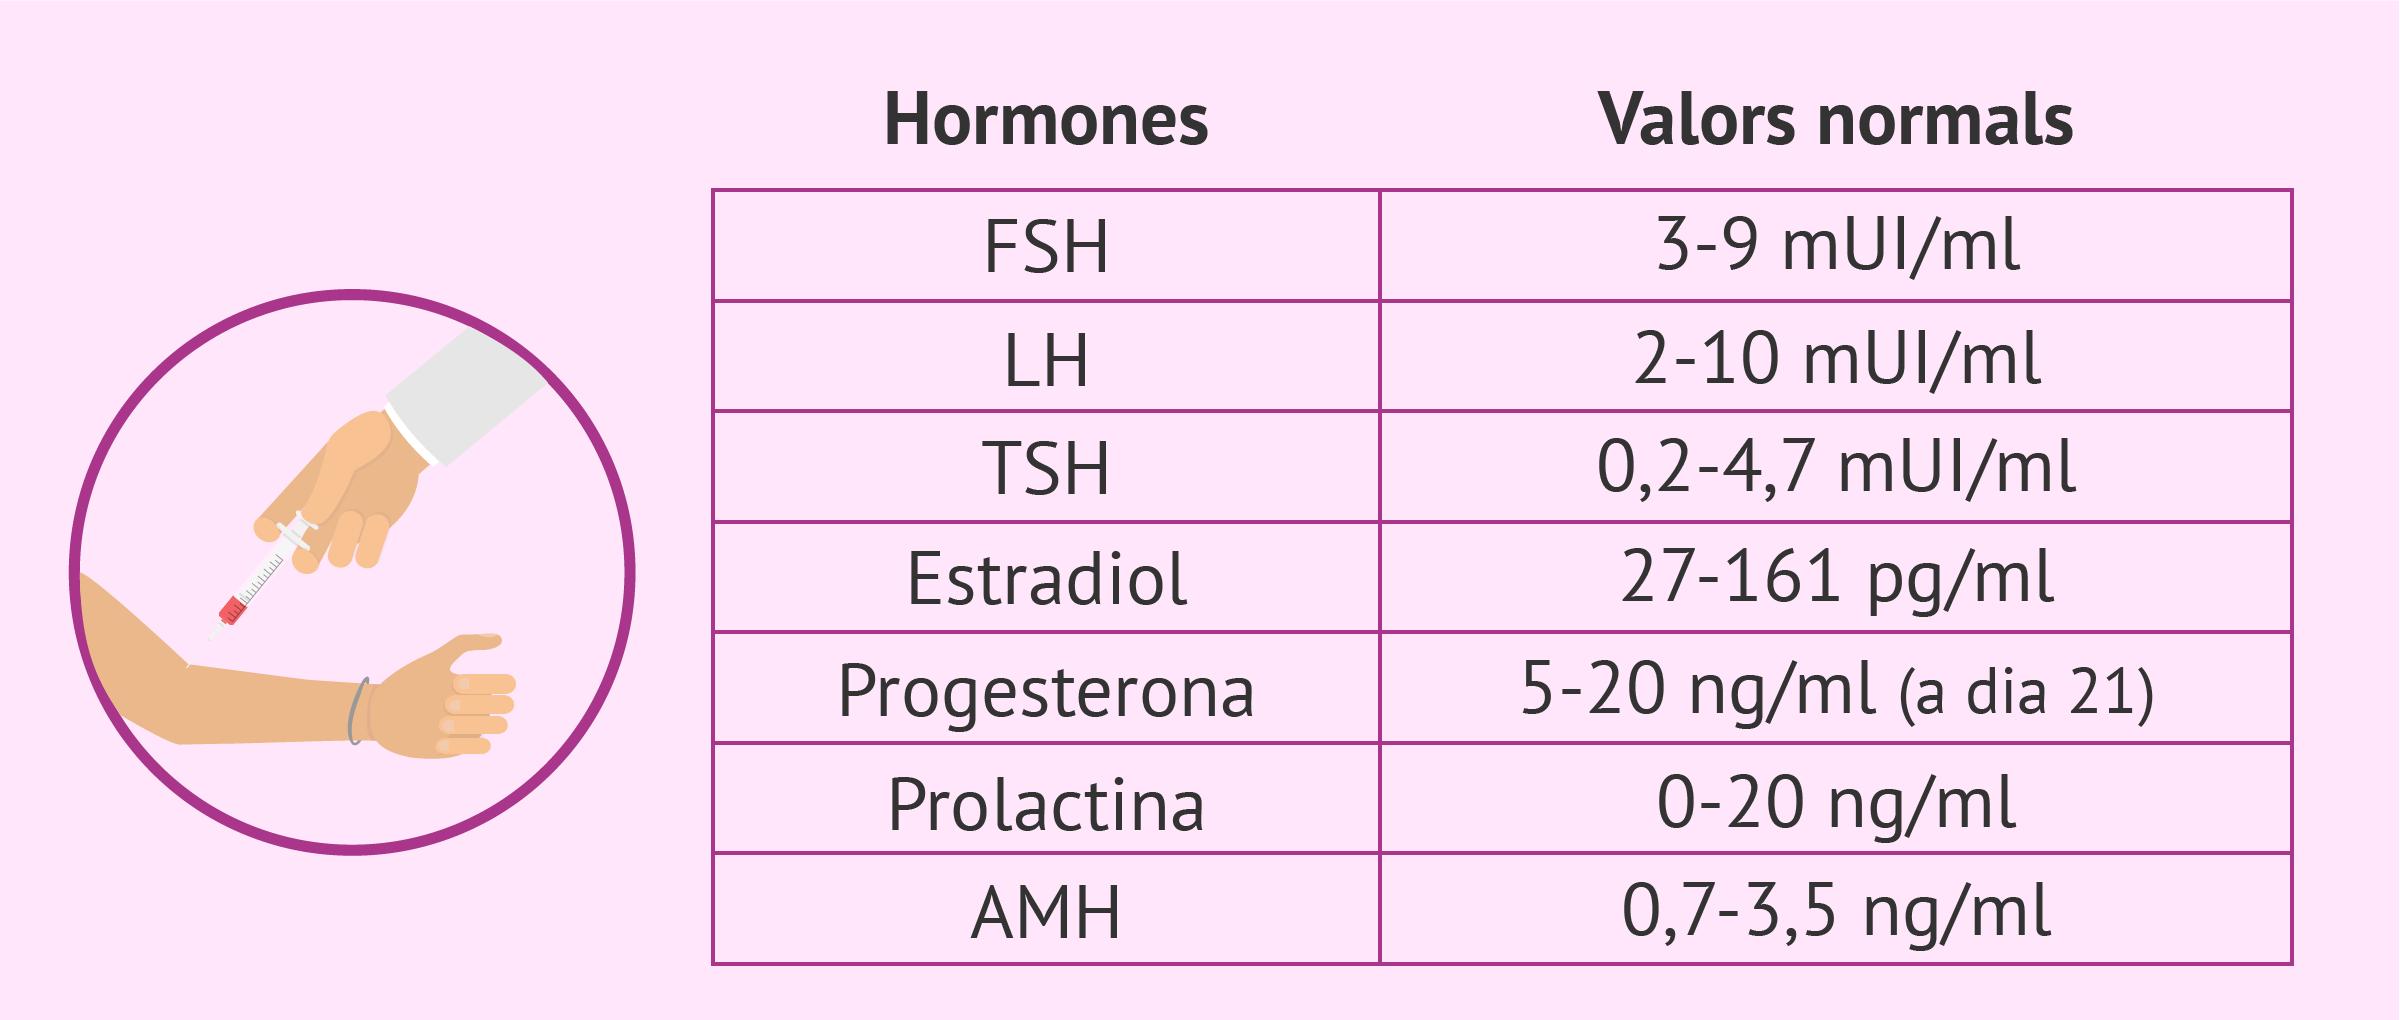 Valors normals de les hormones femenines